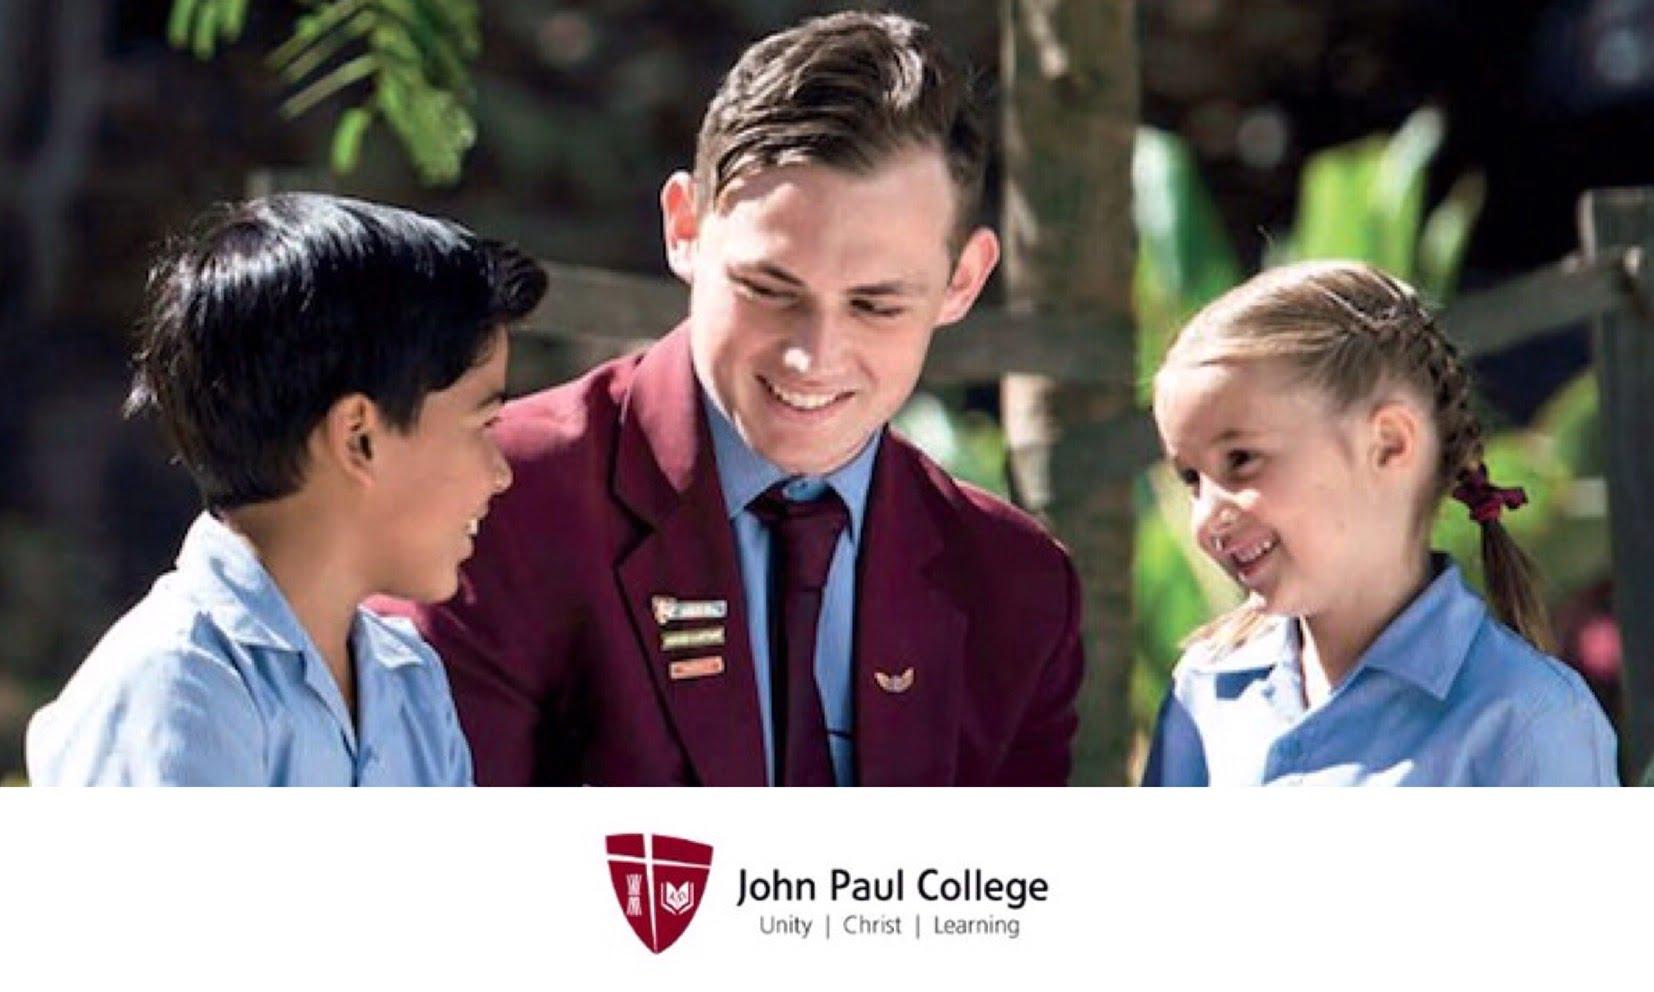 澳立留學 John Paul College 約翰保羅學院 幼兒 小學 中學 高中 澳洲留學 澳洲移民 澳洲打工渡假 中學留學 小學留學 高中留學 遊學